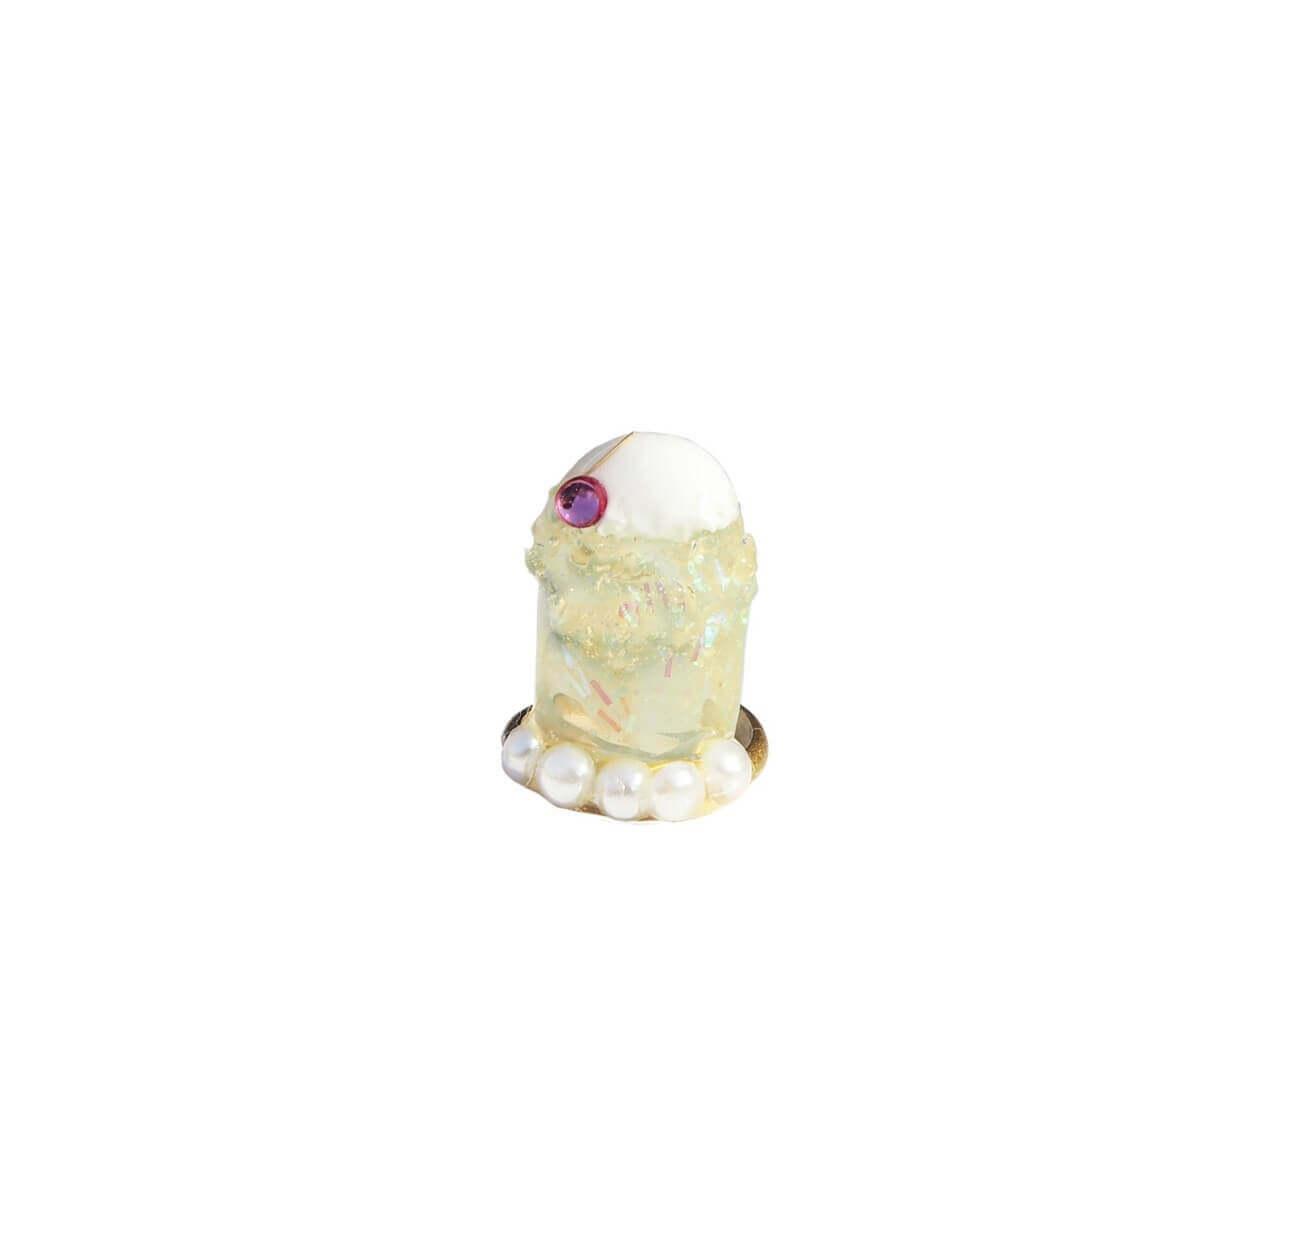 なかやまちえこDesign Ring クリームソーダ イエロー/¥4,730(税込み)